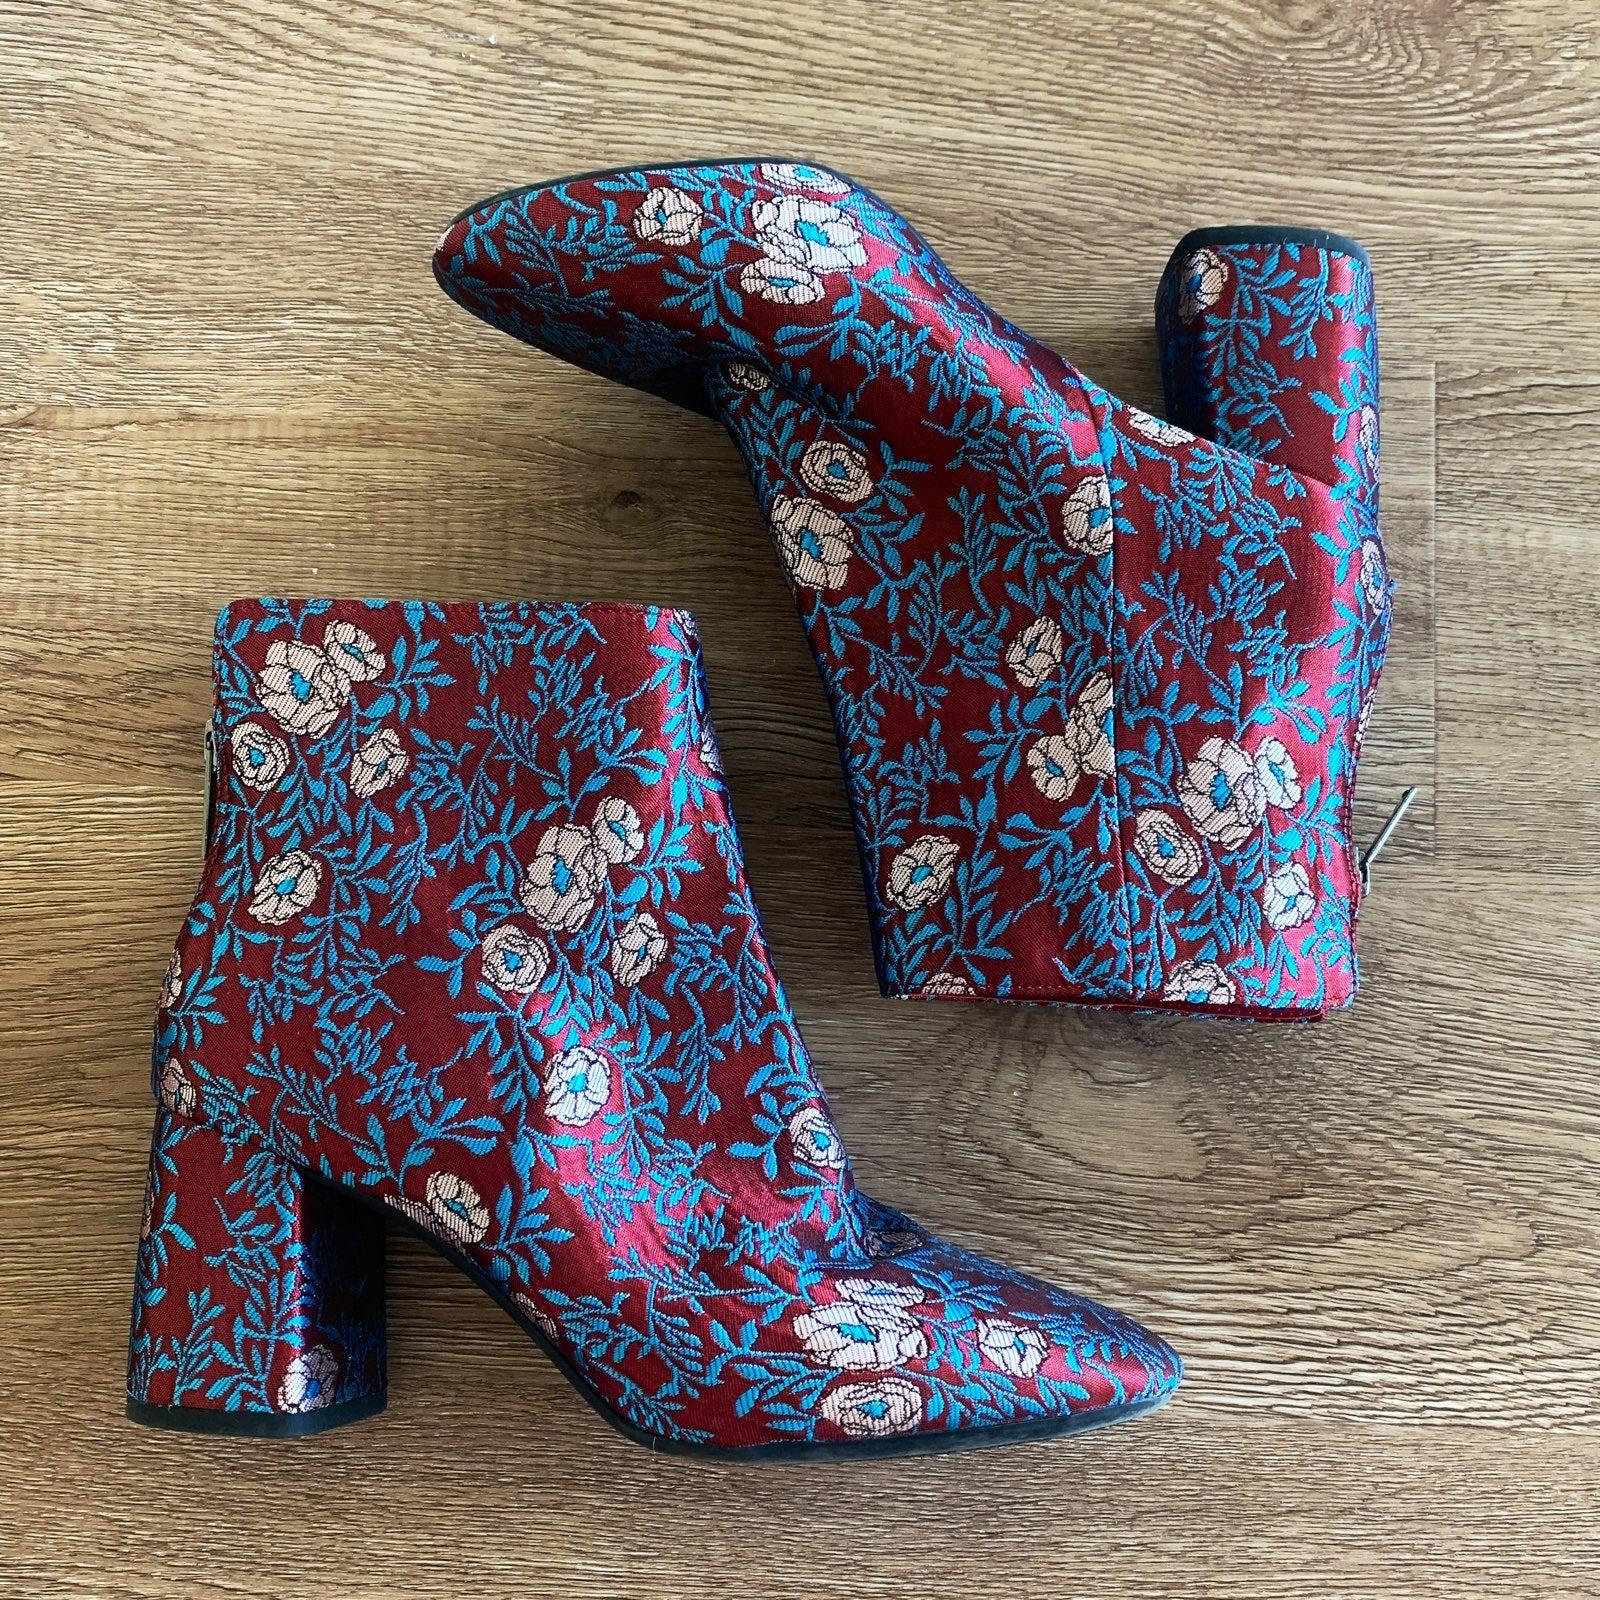 Gianni Bini Floral Booties